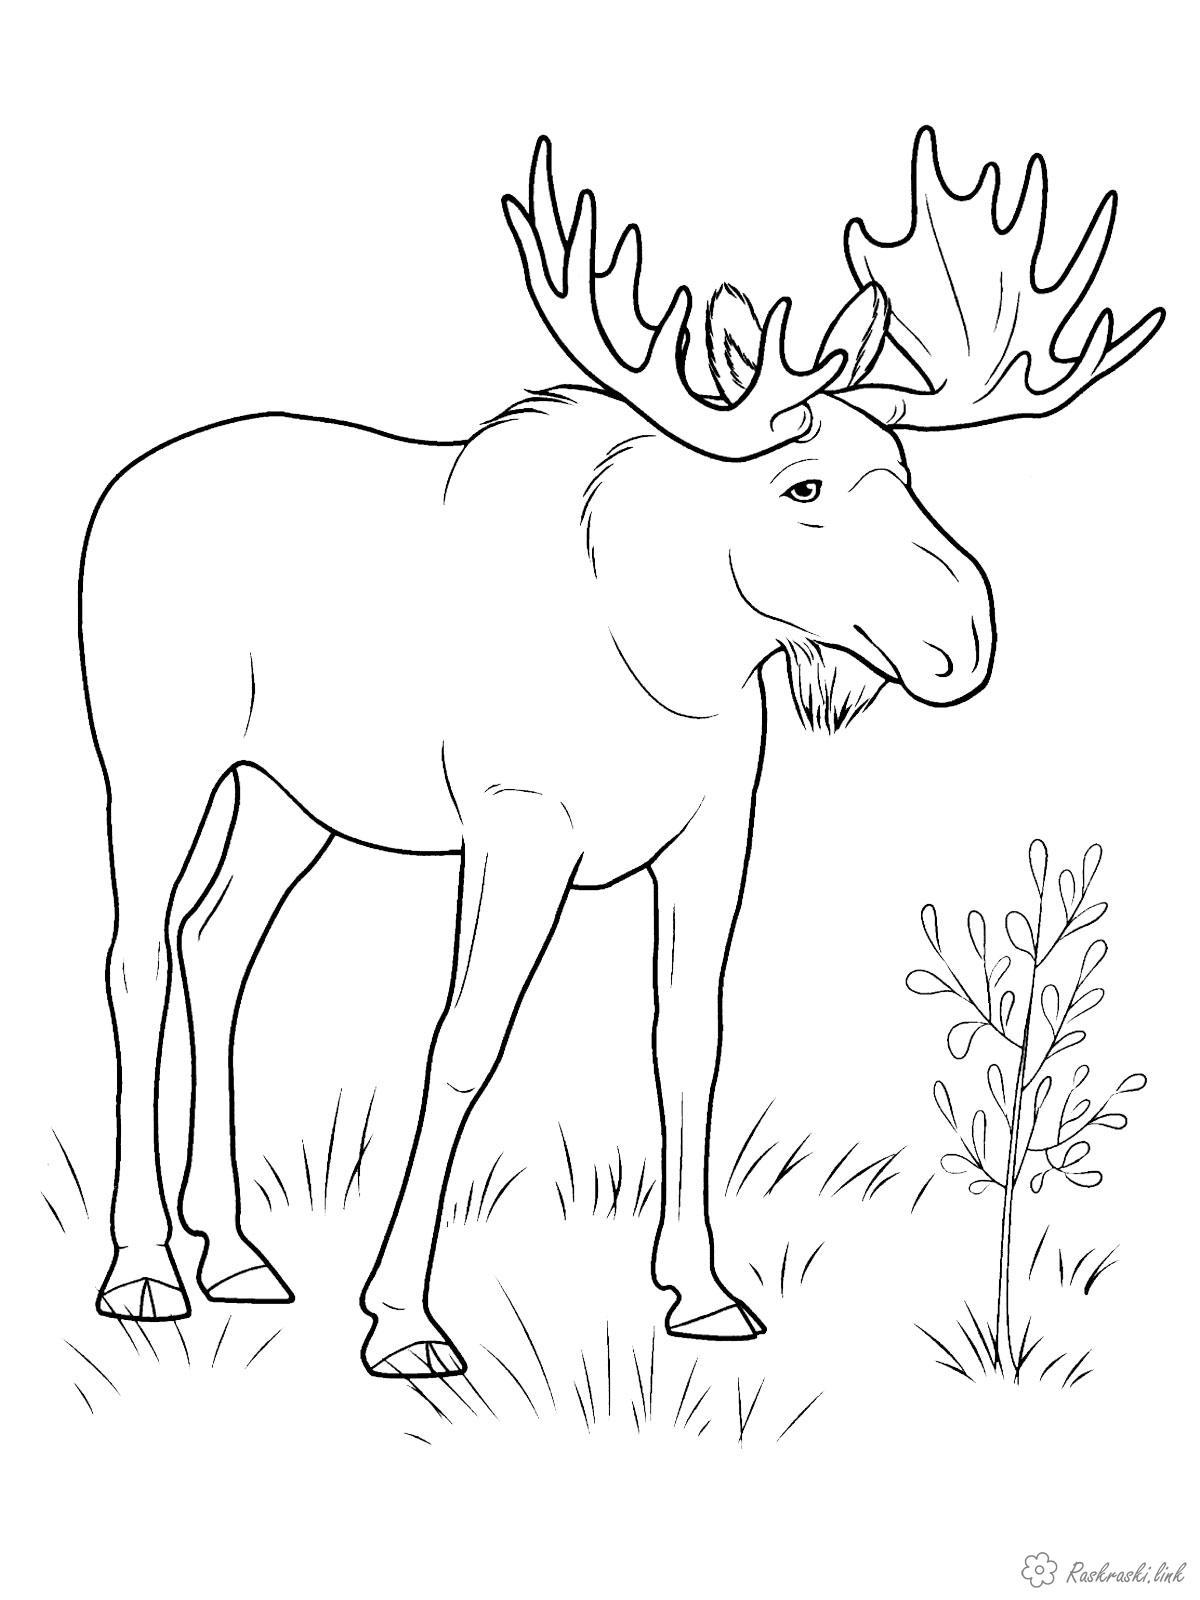 Розмальовки тварини Розмальовка лось, лісові тварини, дикі тварини, травоїдні, роги